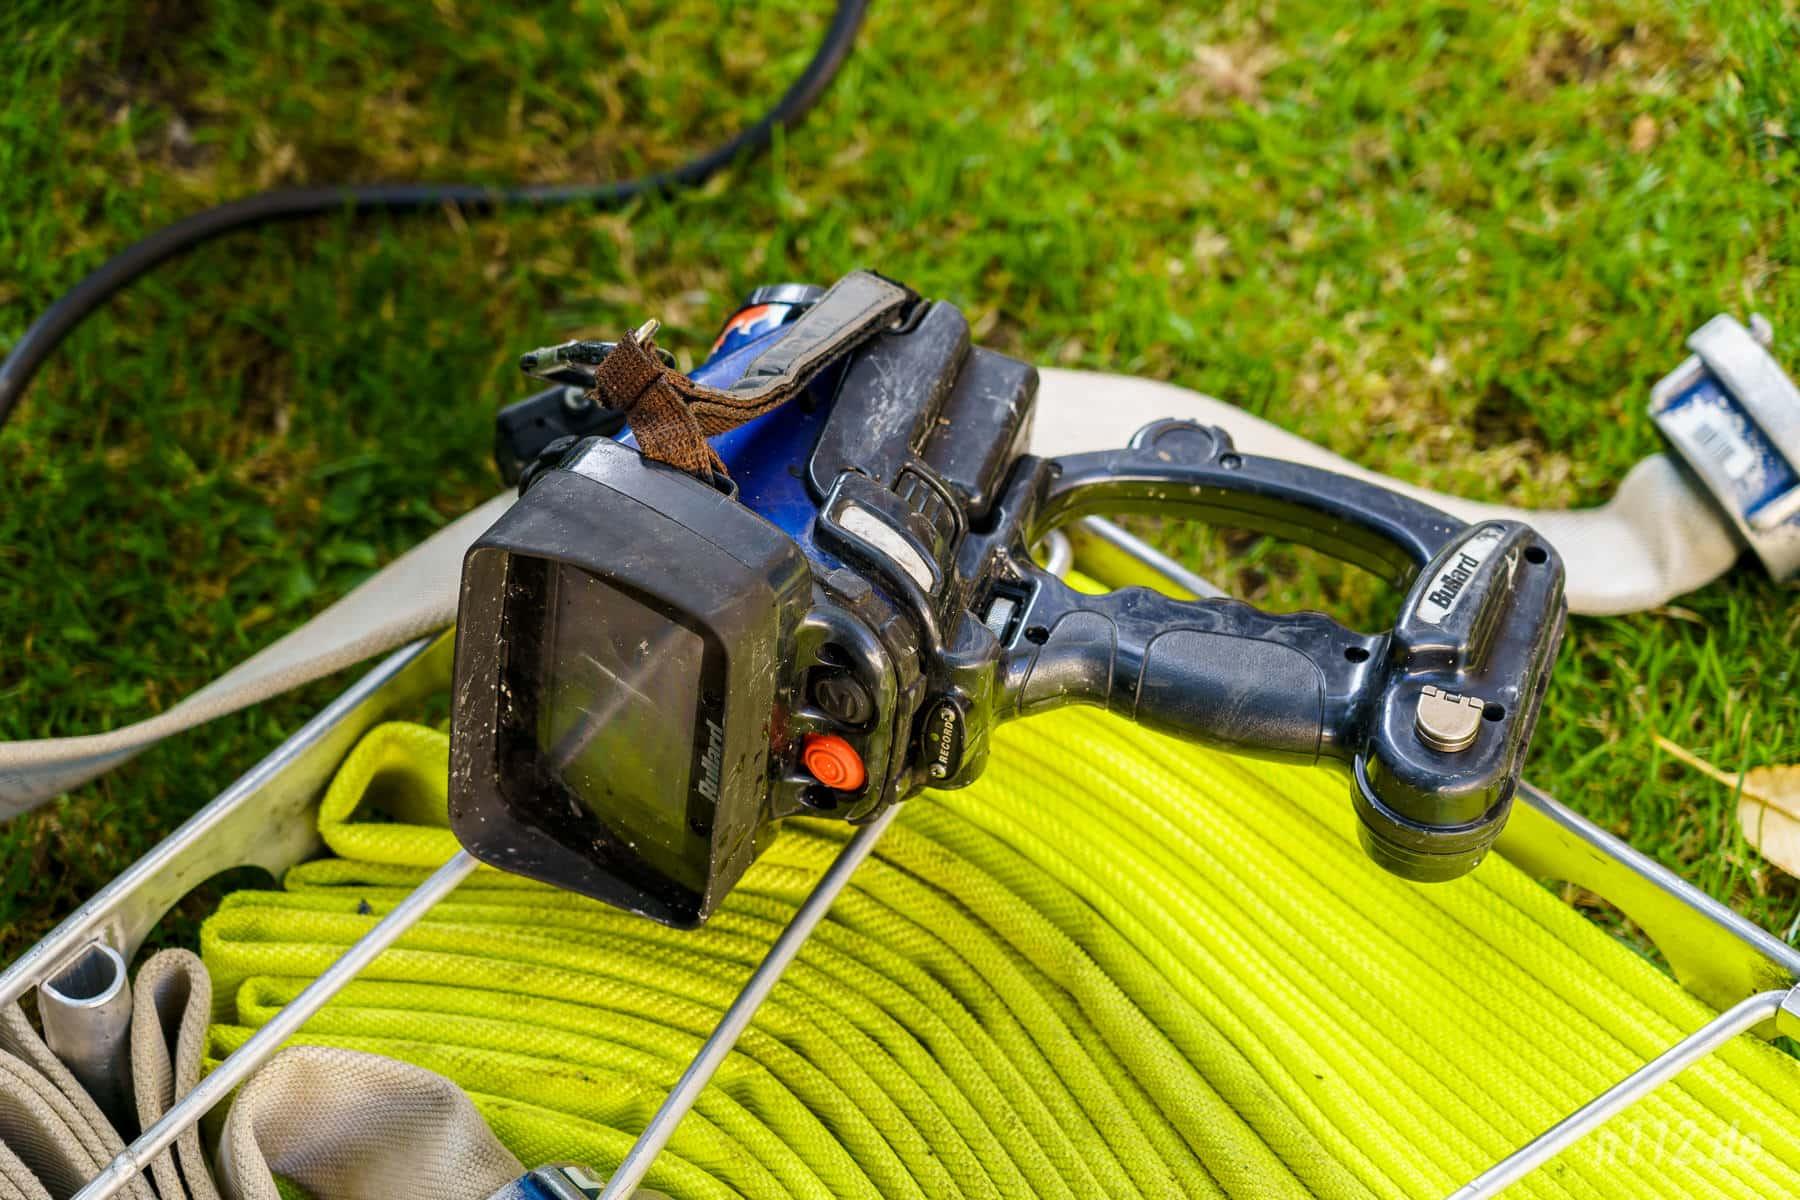 Teurer Lebensretter: Eine mit Ruß verdreckte Wärmebildkamera liegt nach dem Einsatz auf Schläuchen (Foto: n112.de/Stefan Simonsen)